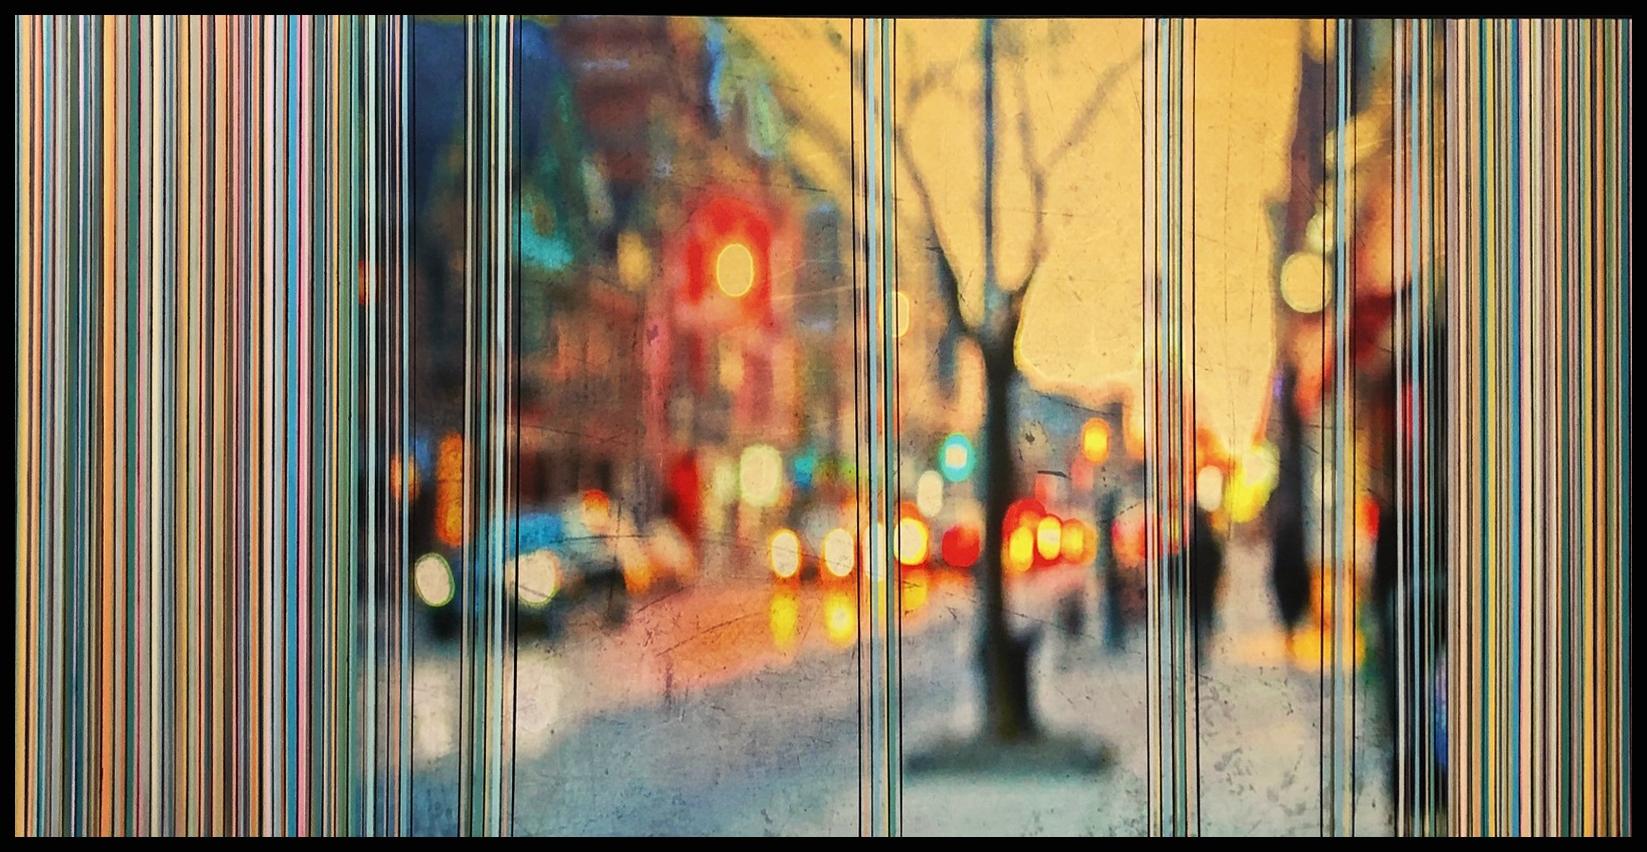 My City: 352 by Jamie MacRae